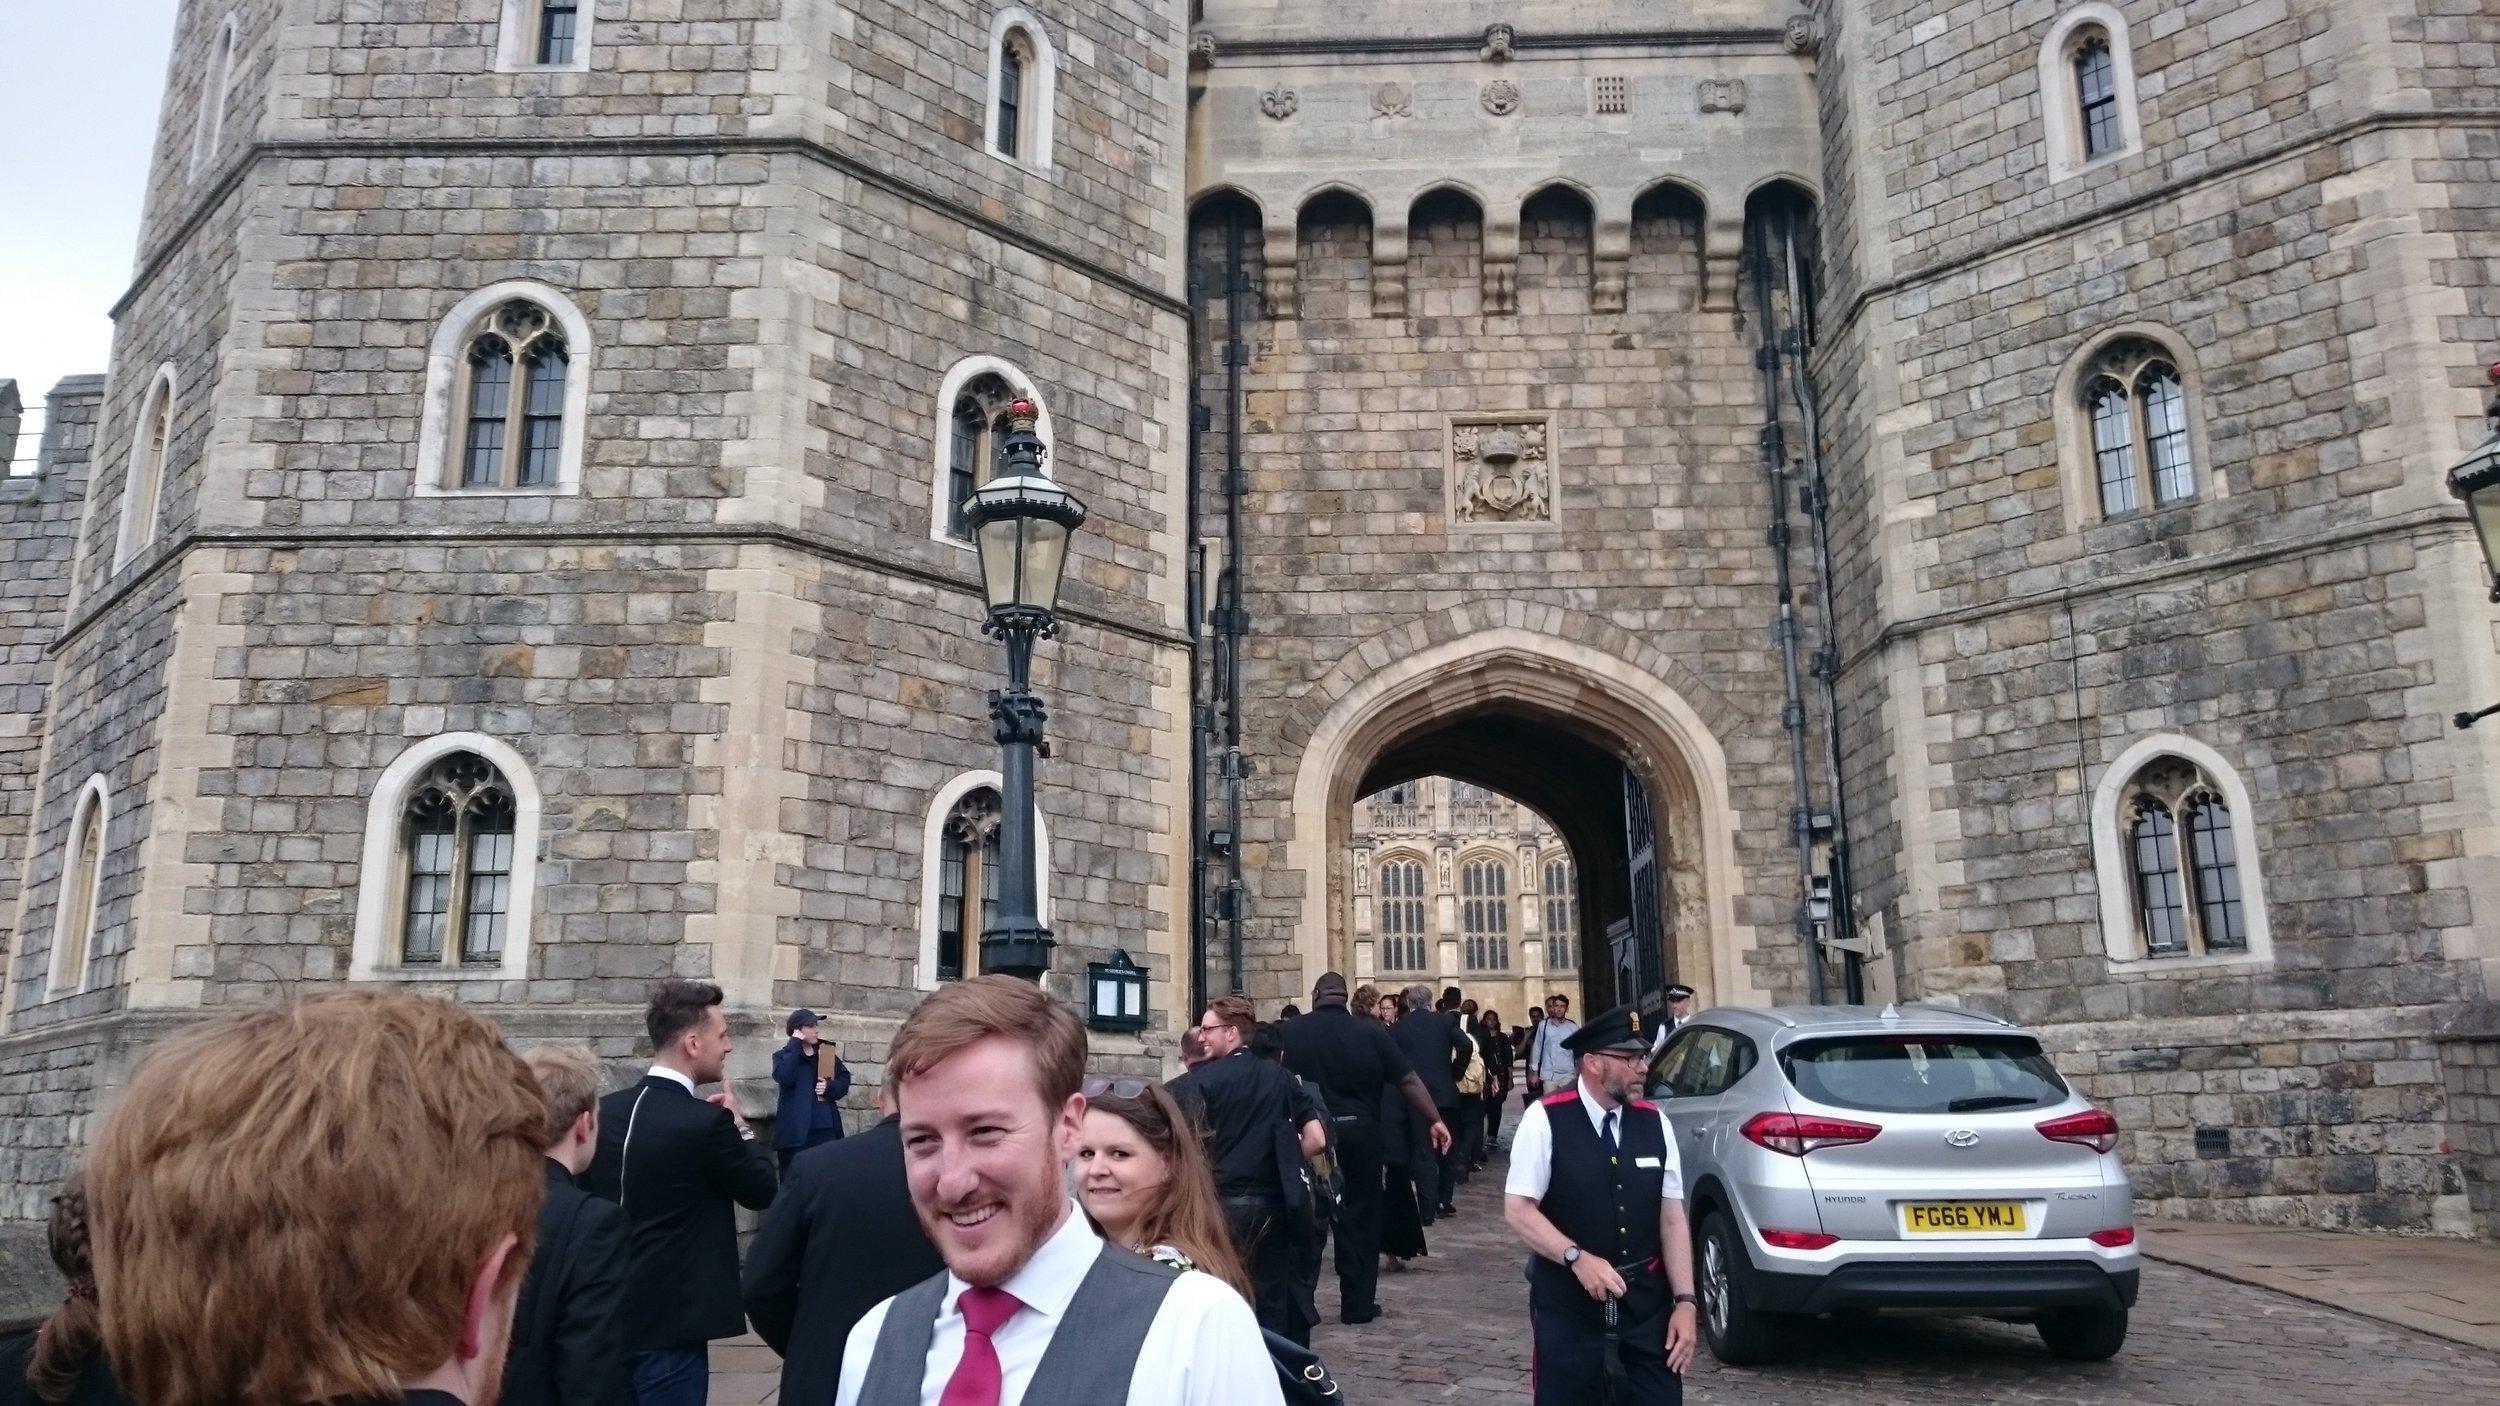 Arrival at Windsor Castle / Ben is talking with Christopher Bruerton (Windsor Castle)